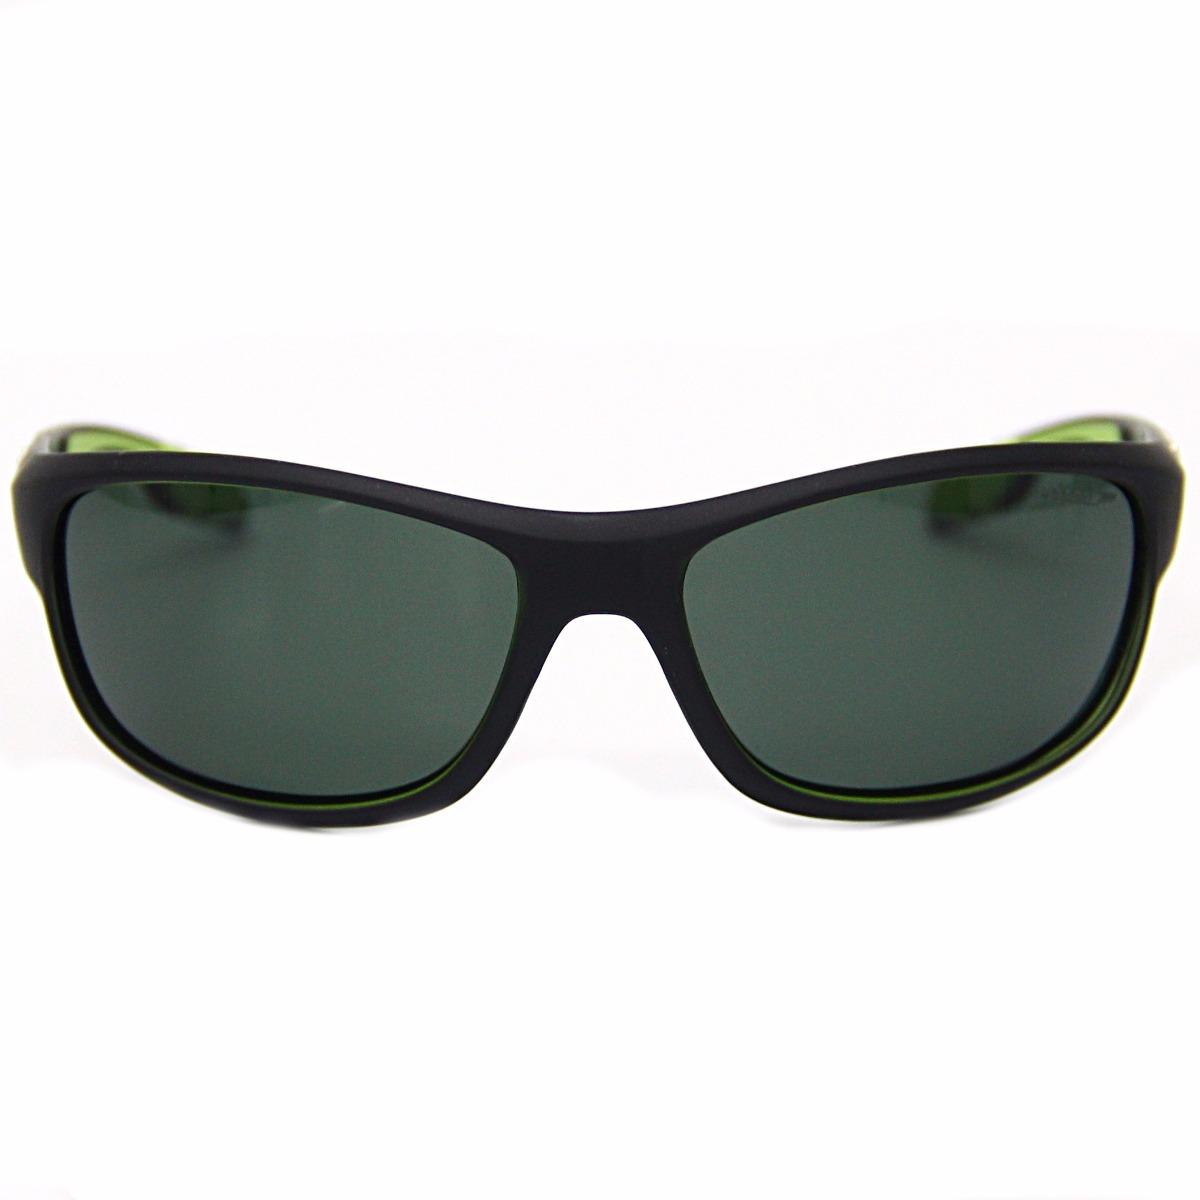 Óculos De Sol Speedo Hydro Masculino Polarizado - R  189,90 em ... 99d74d6078